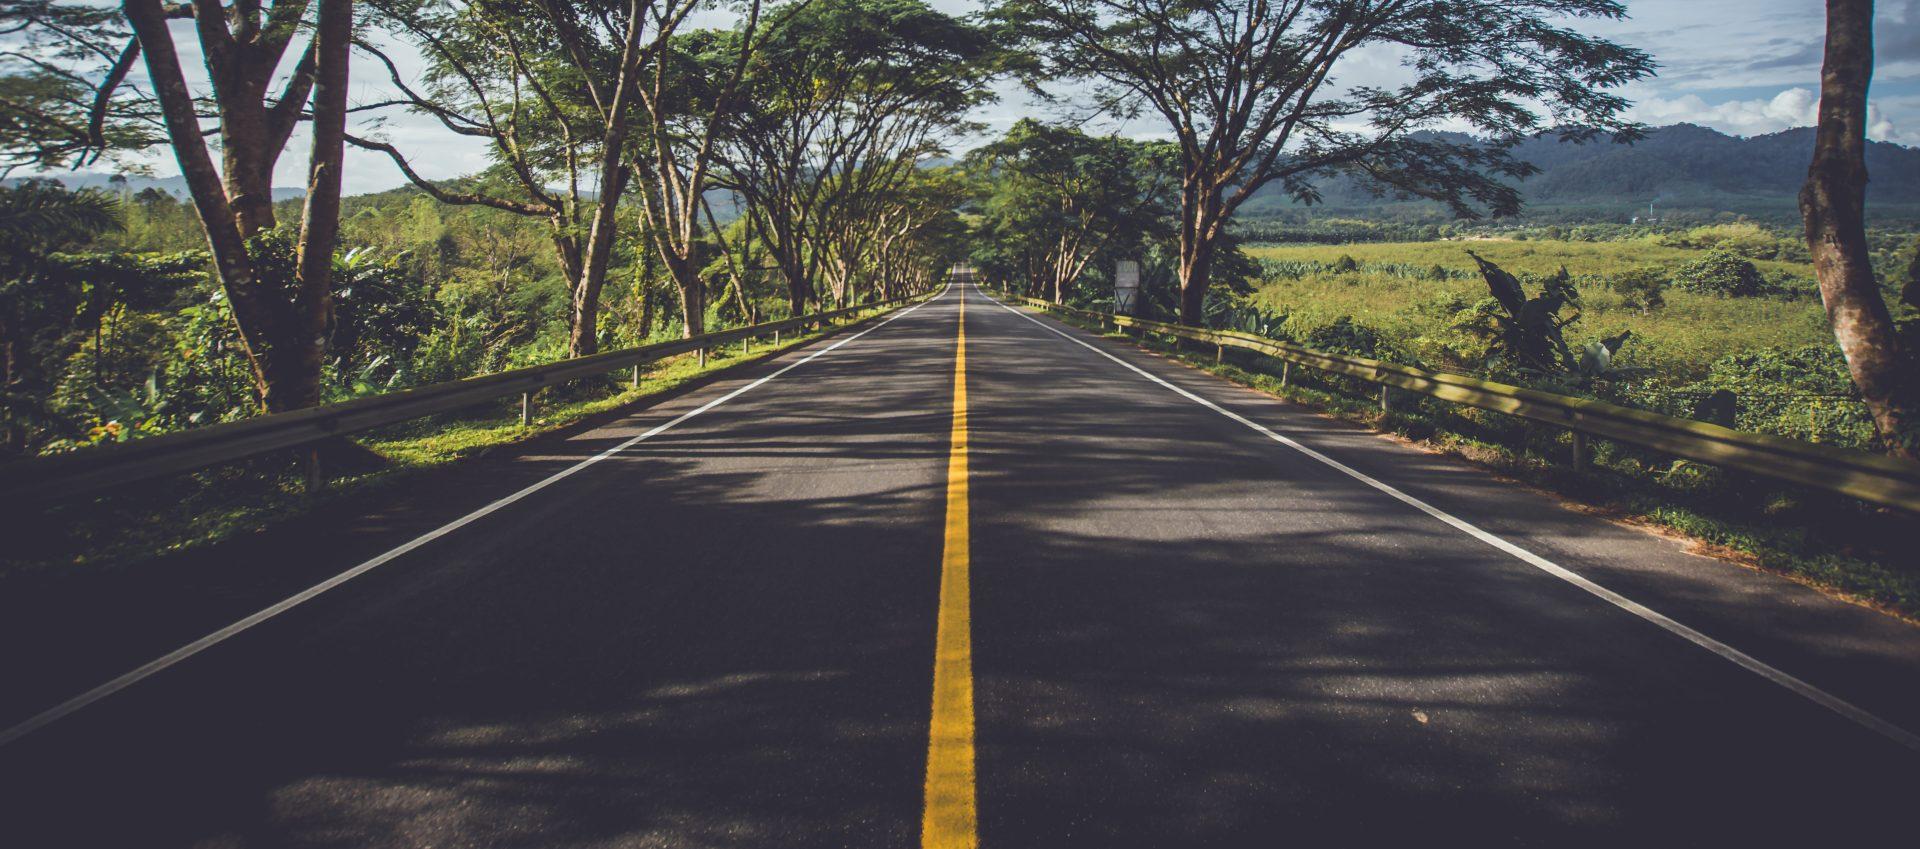 Jakie akty prawne musisz znać, jeśli chcesz zostać przewoźnikiem drogowym towarów?